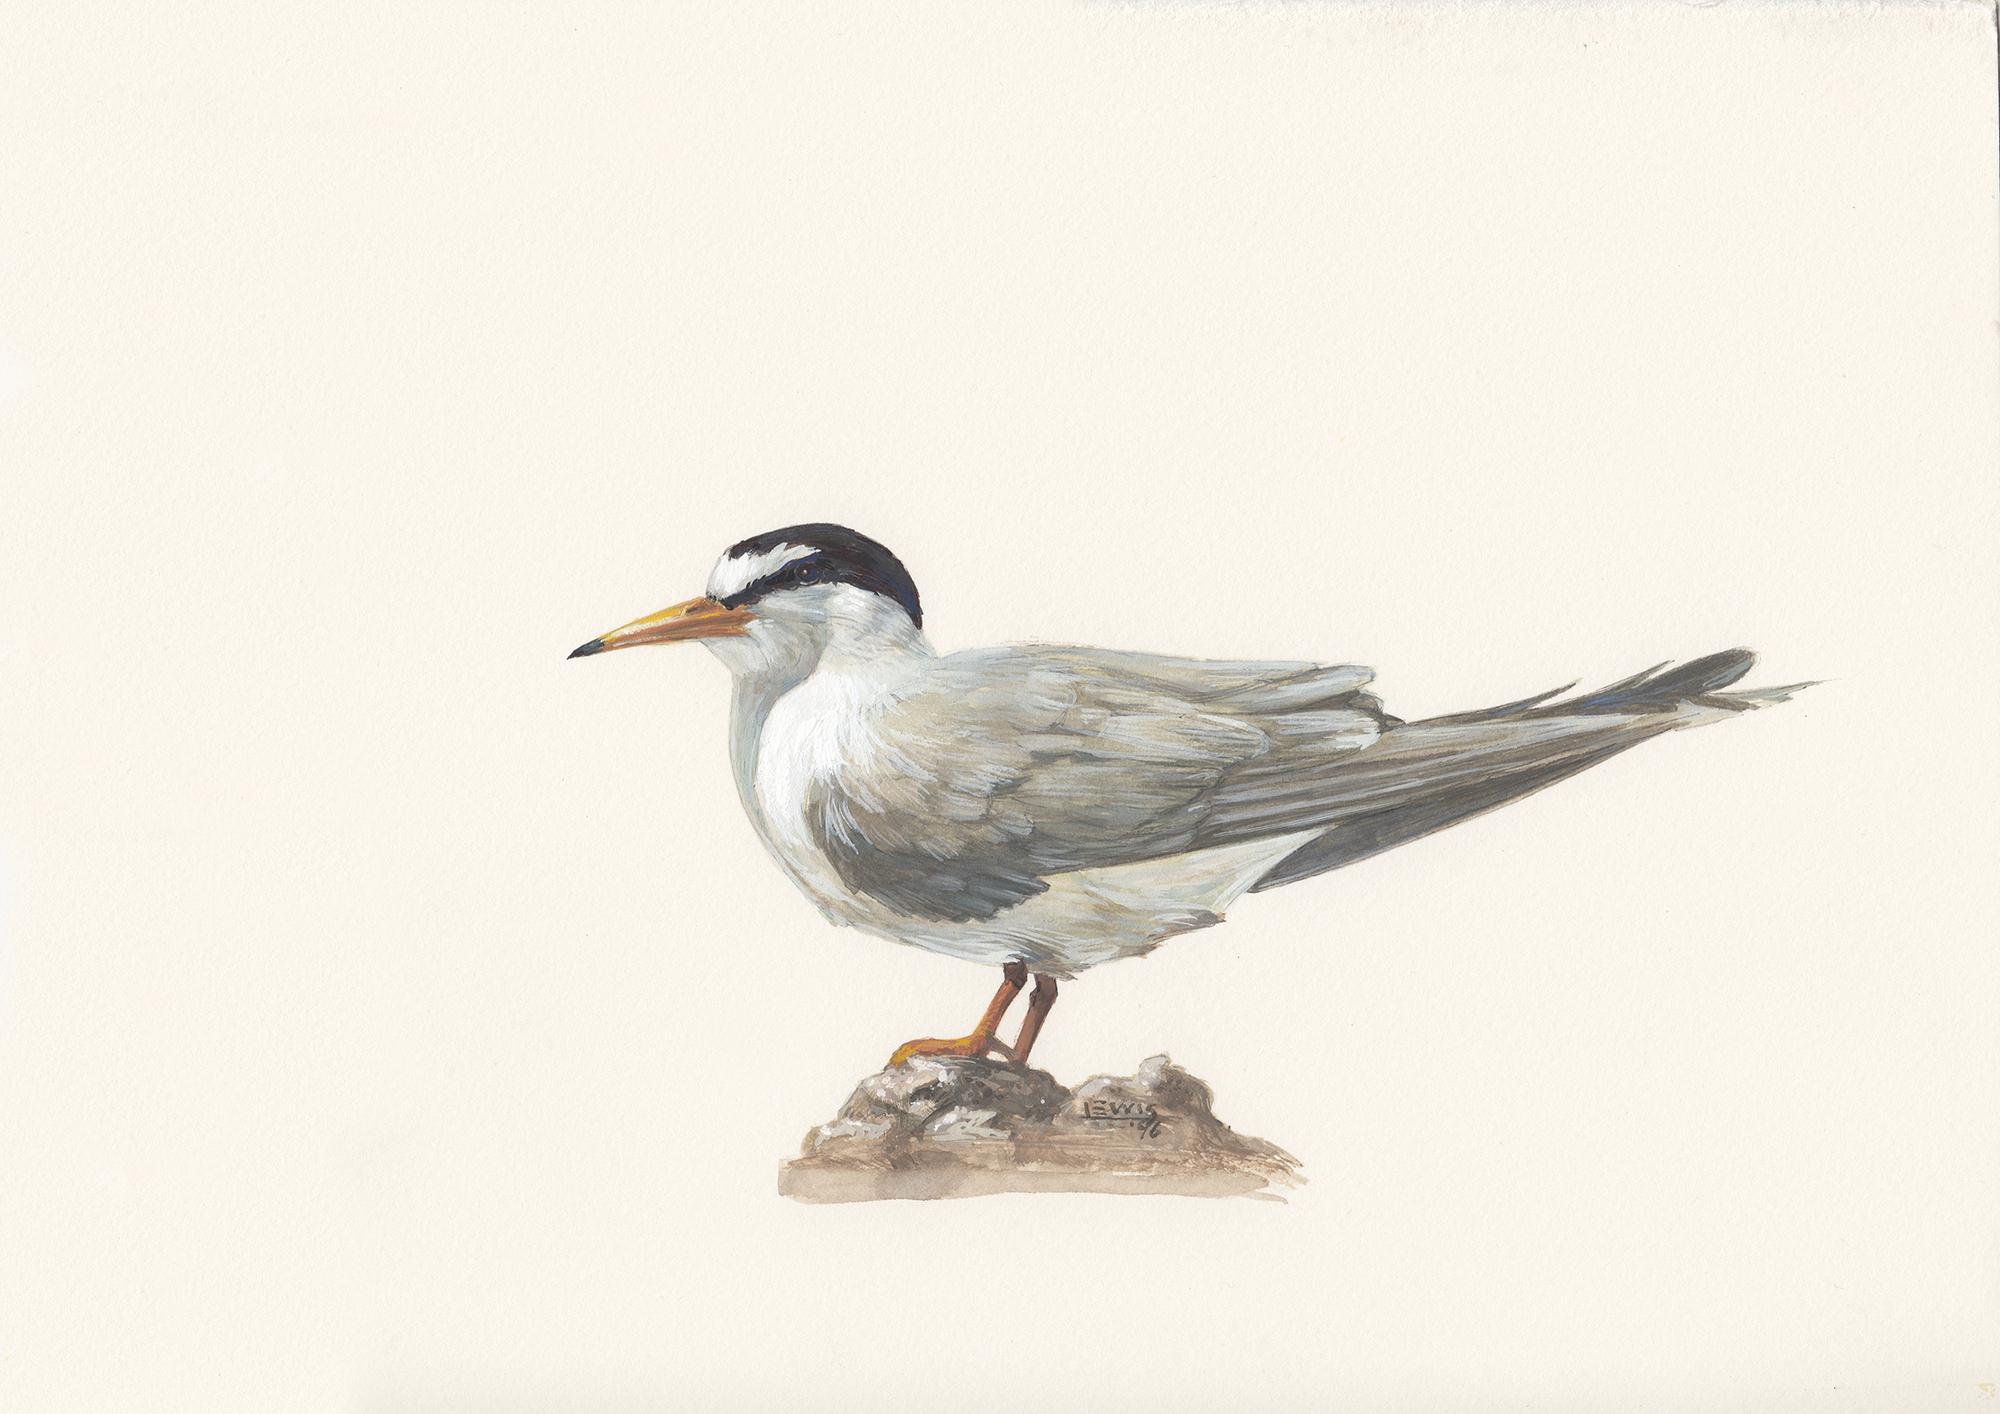 Least tern. Guache on paper.